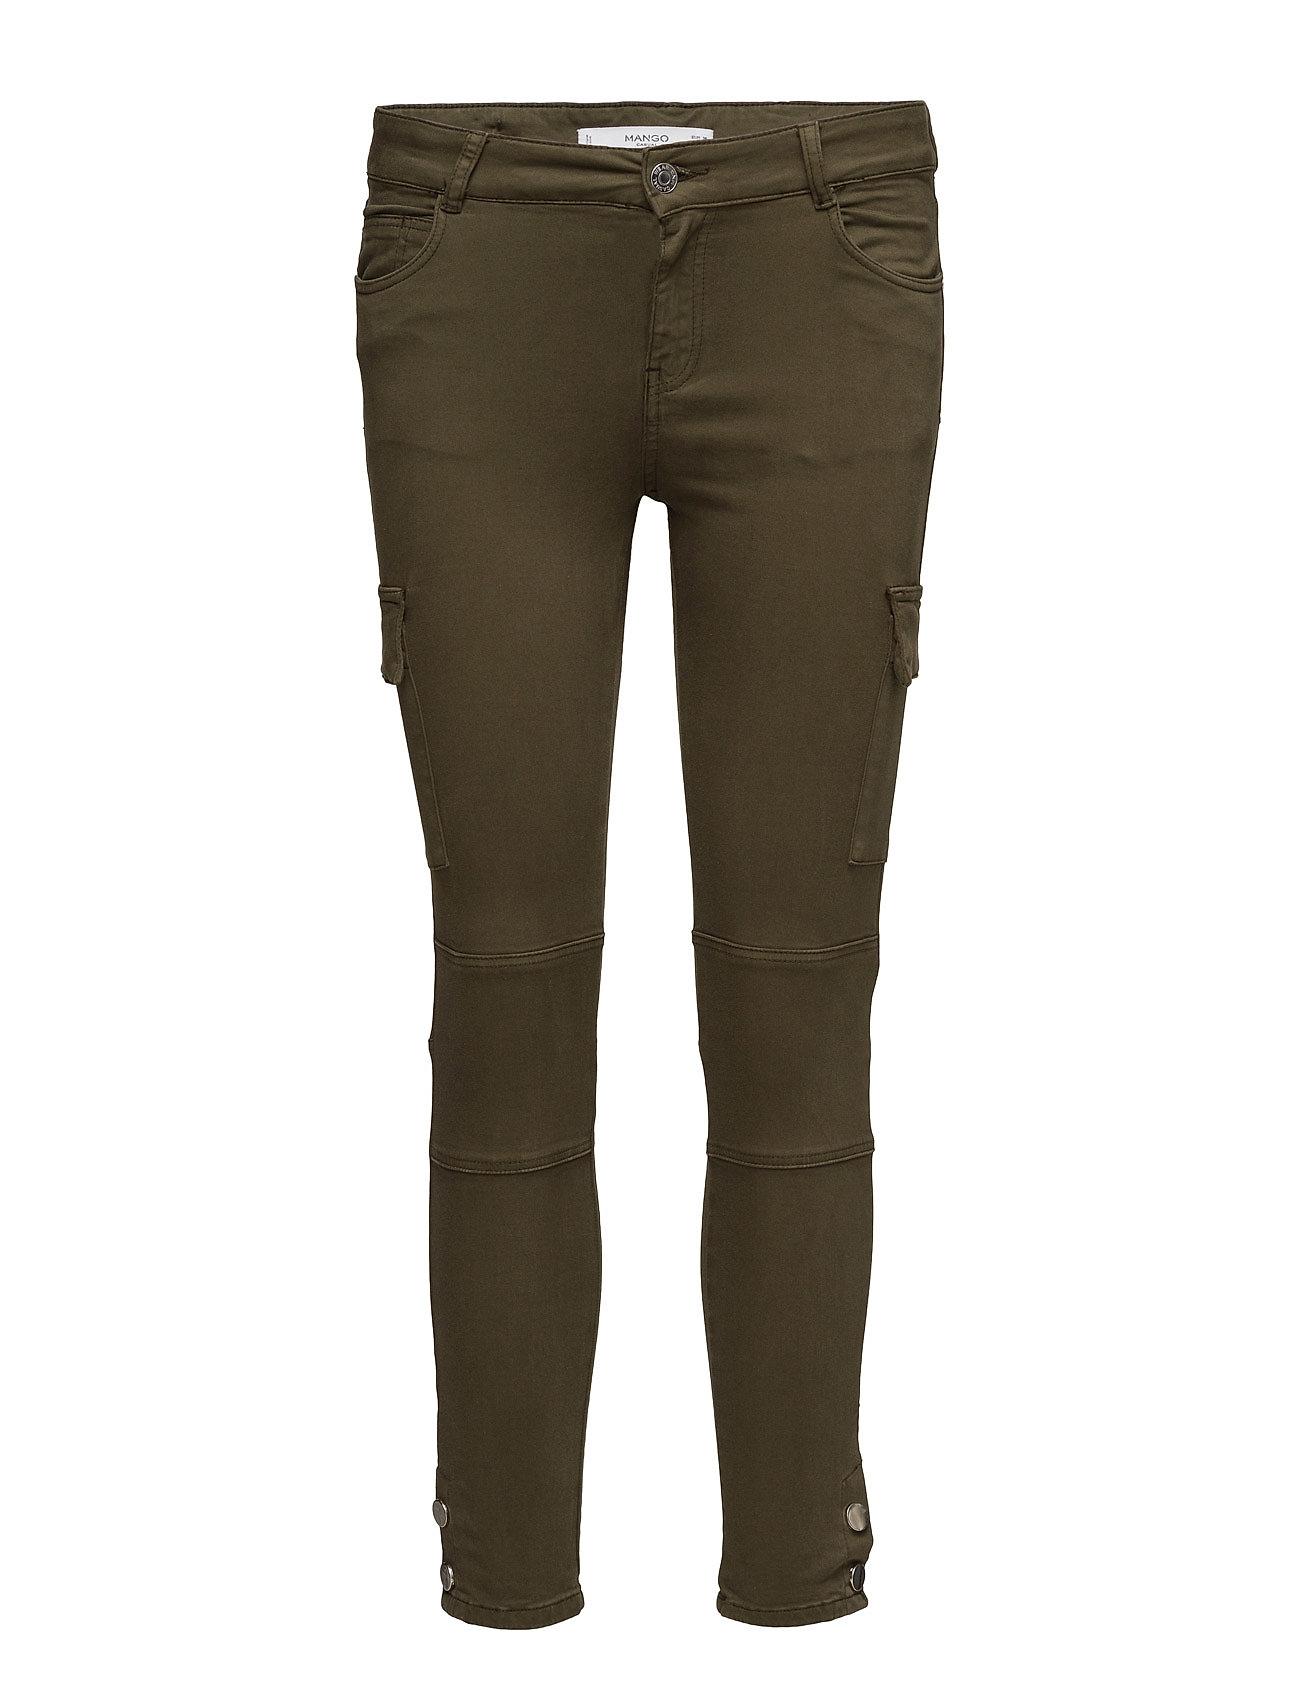 Cotton Cargo Trousers Mango Skinny til Damer i Beige - Khaki